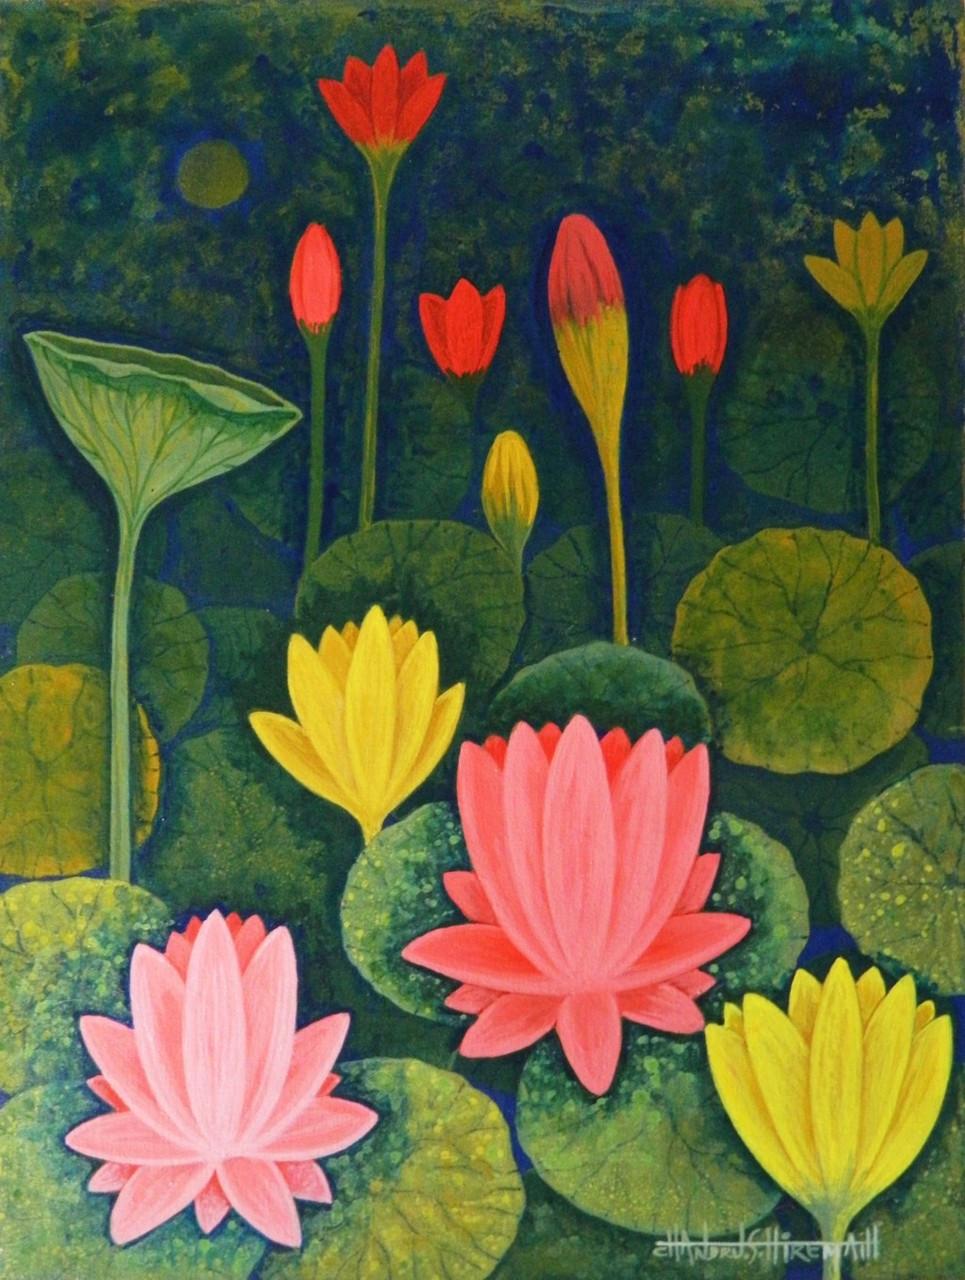 Buy lotus csh0014 handmade painting by chandru s hiremath code lotuslotus csh0014art22314152artist chandru s hiremathacrylic izmirmasajfo